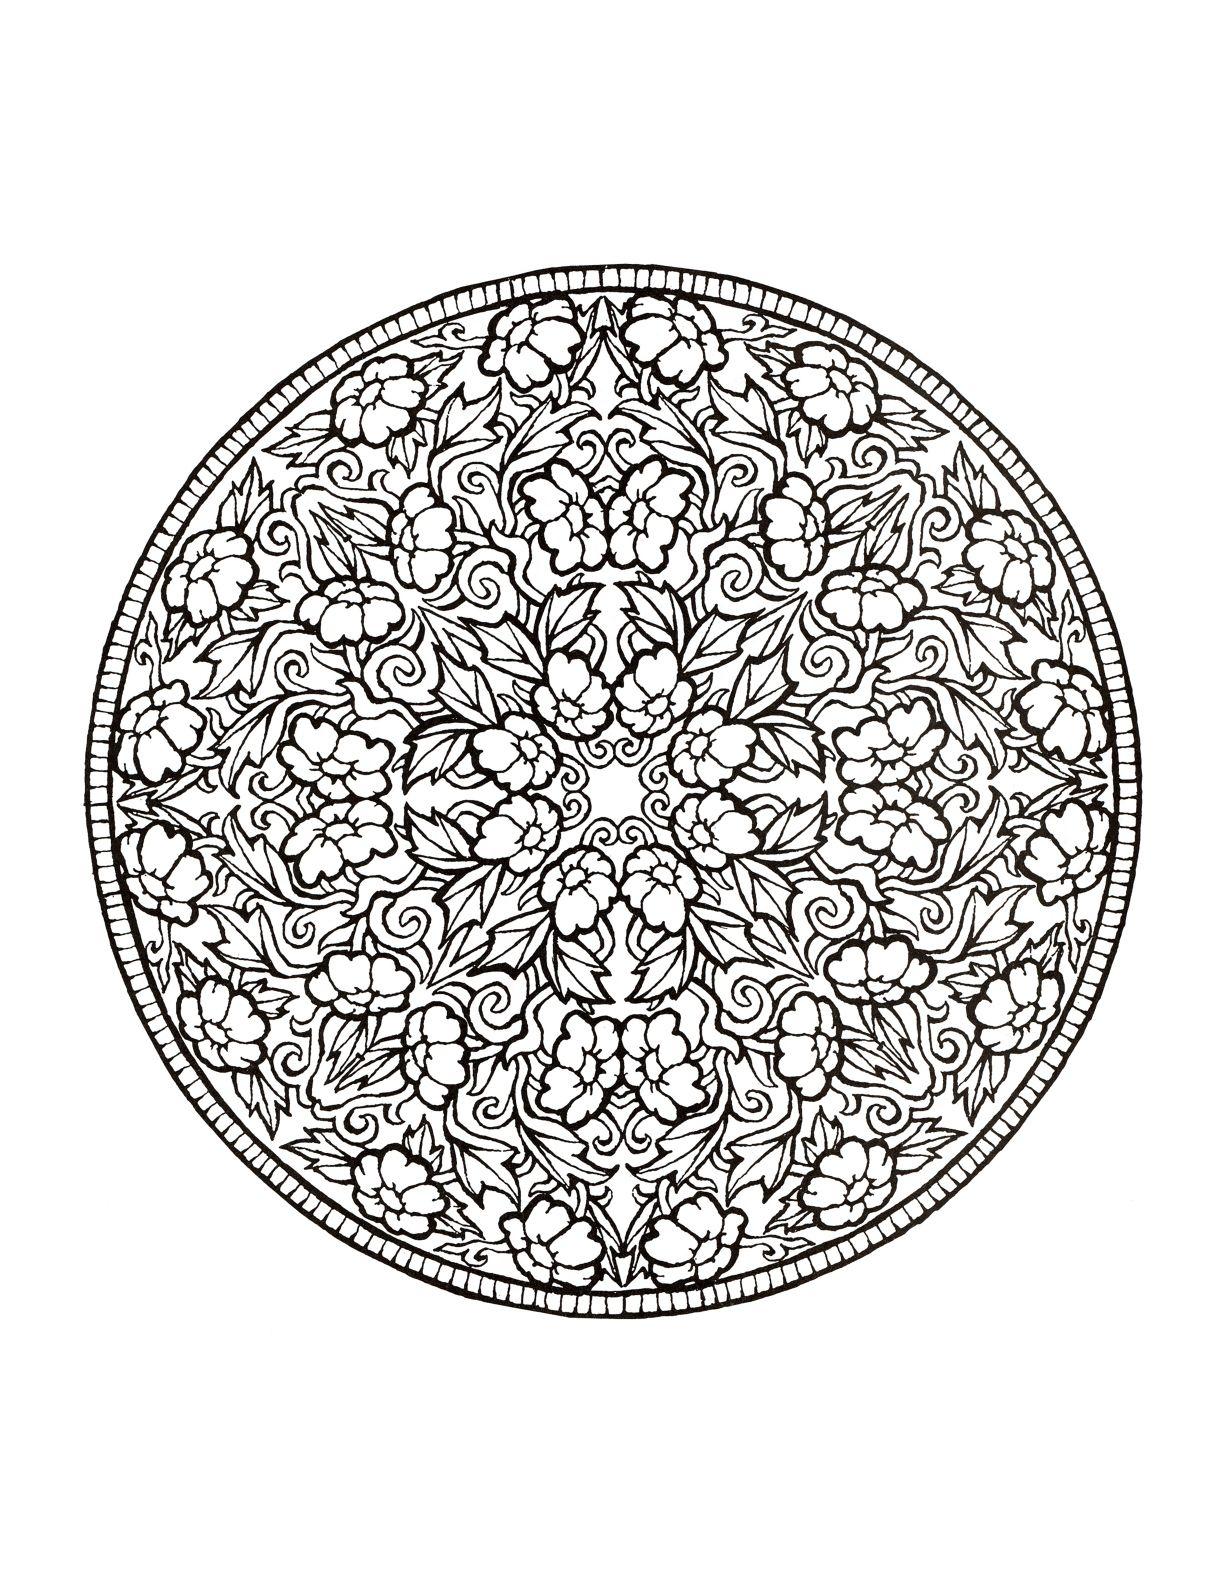 Mystical Mandala Coloring Book Mandala Kleurplaten Kleurplaten Kleurboek